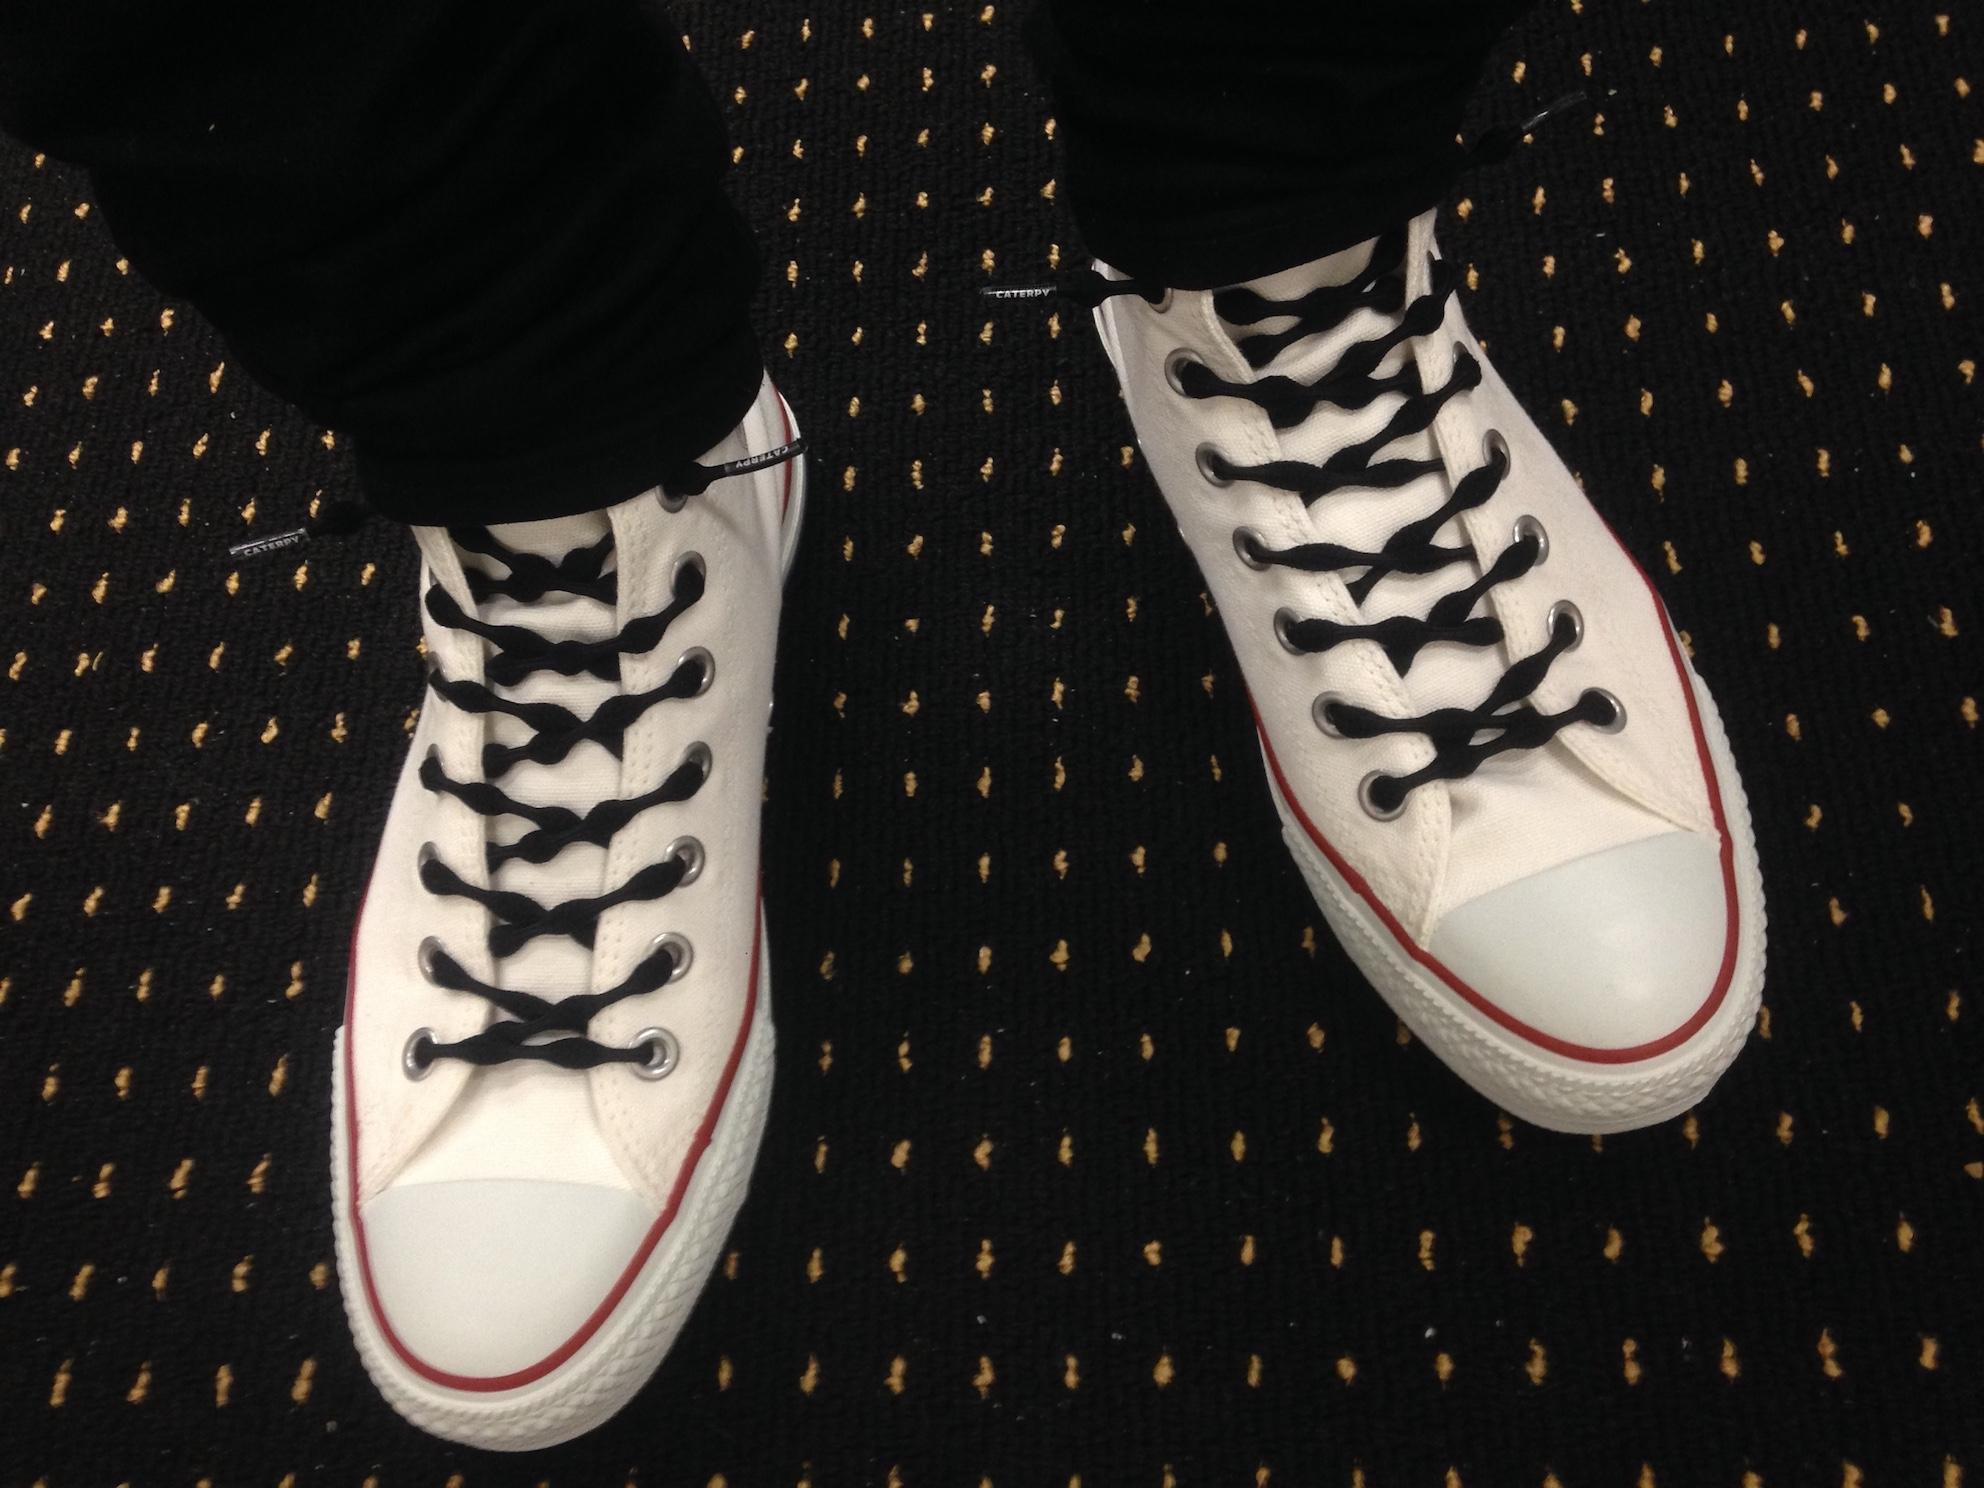 907d56ccbaad16 面倒なスニーカーの靴紐を結ばなくて良くなる便利グッズまとめ – PLOG